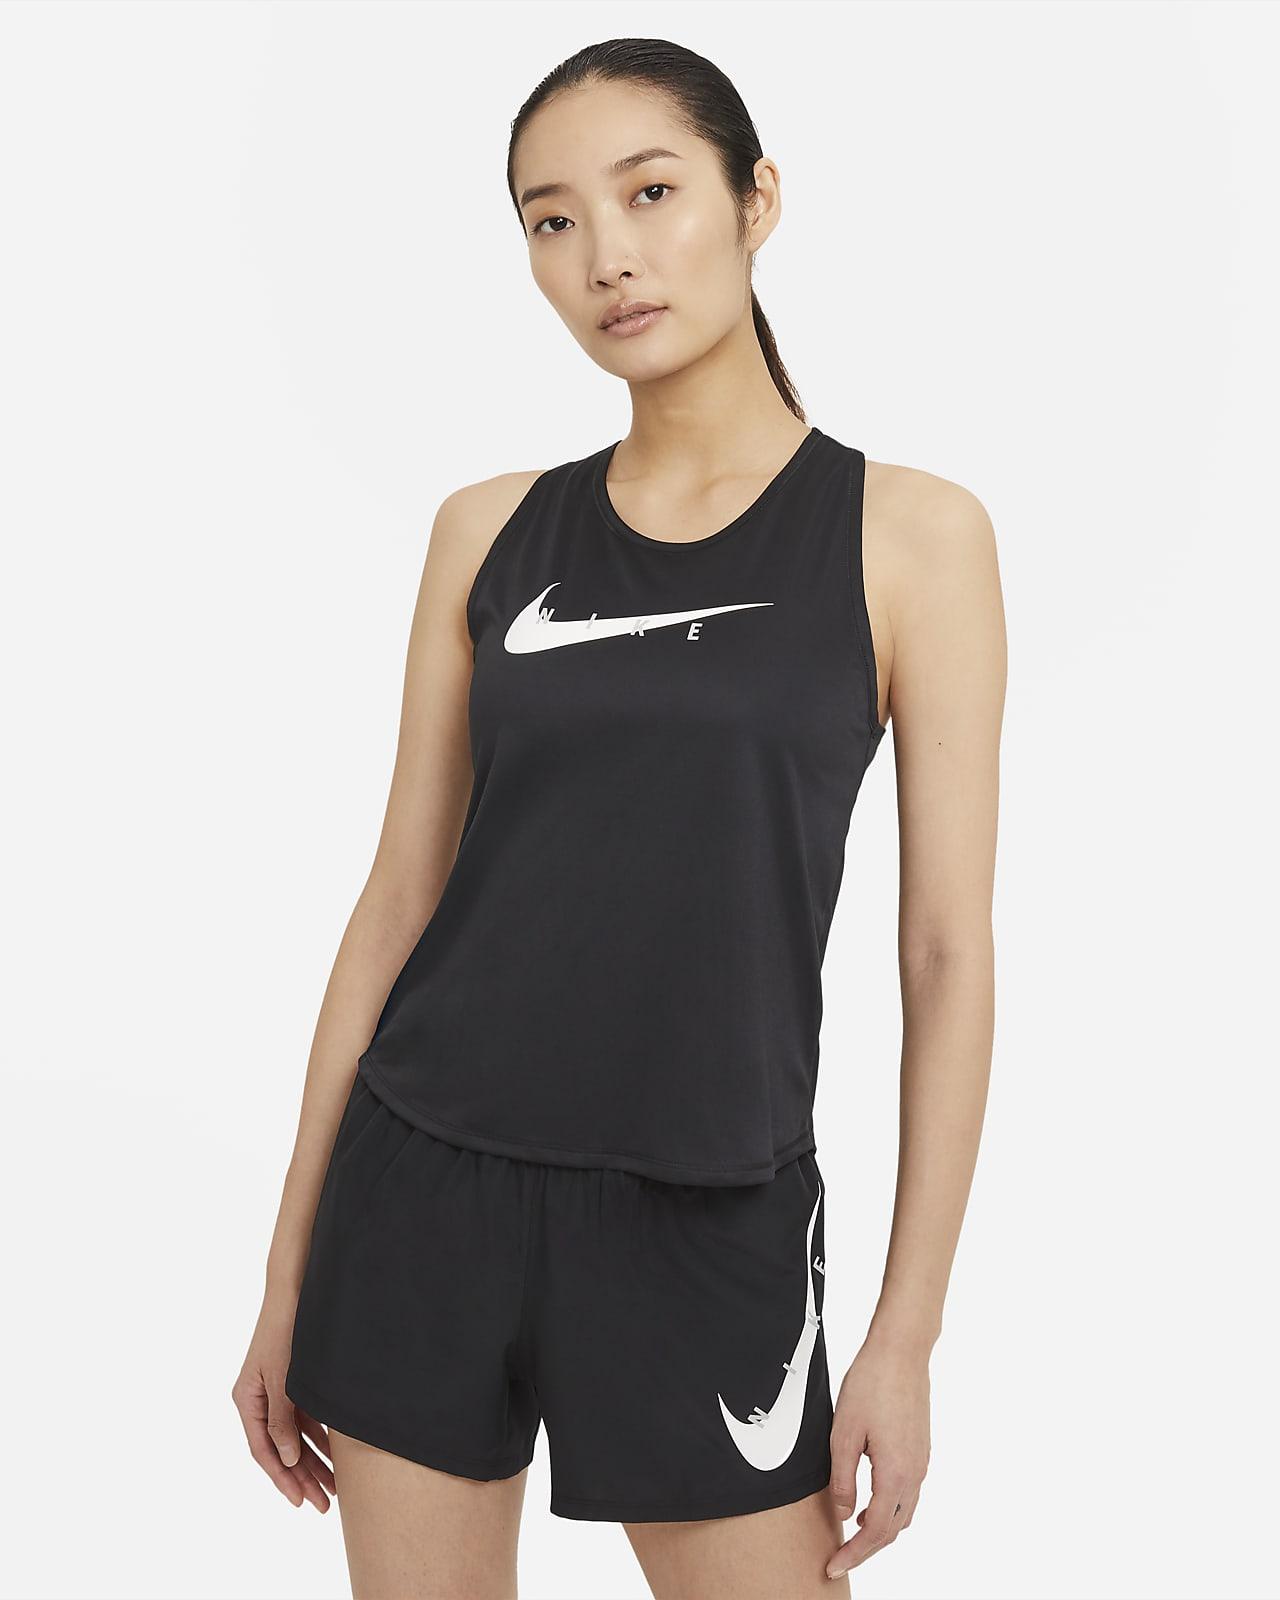 เสื้อกล้ามวิ่งผู้หญิง Nike Swoosh Run